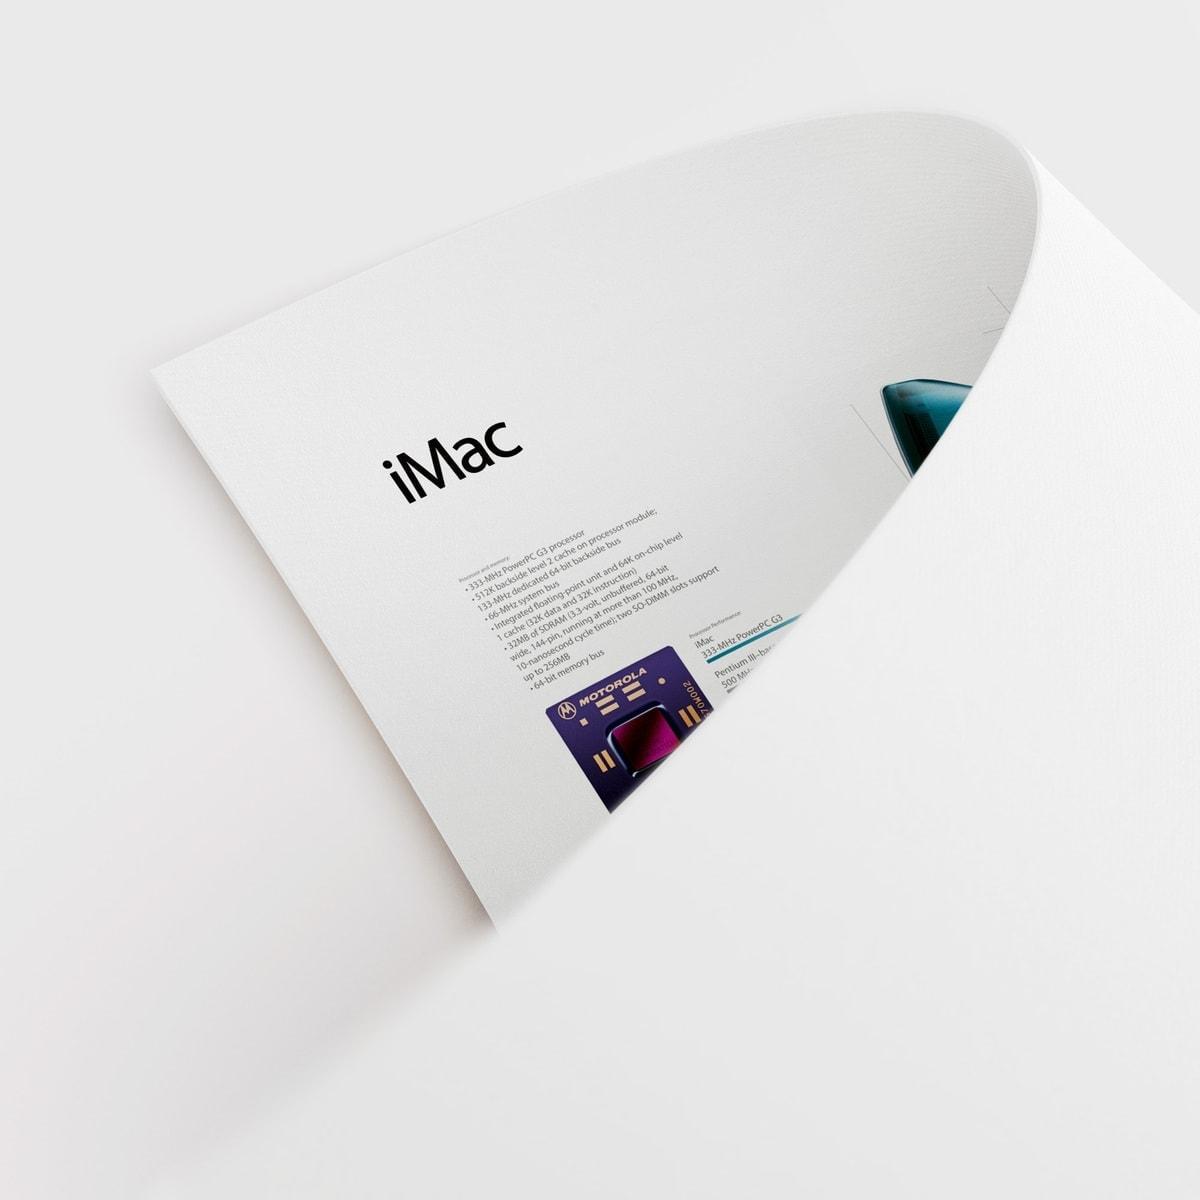 iMac g3 poster